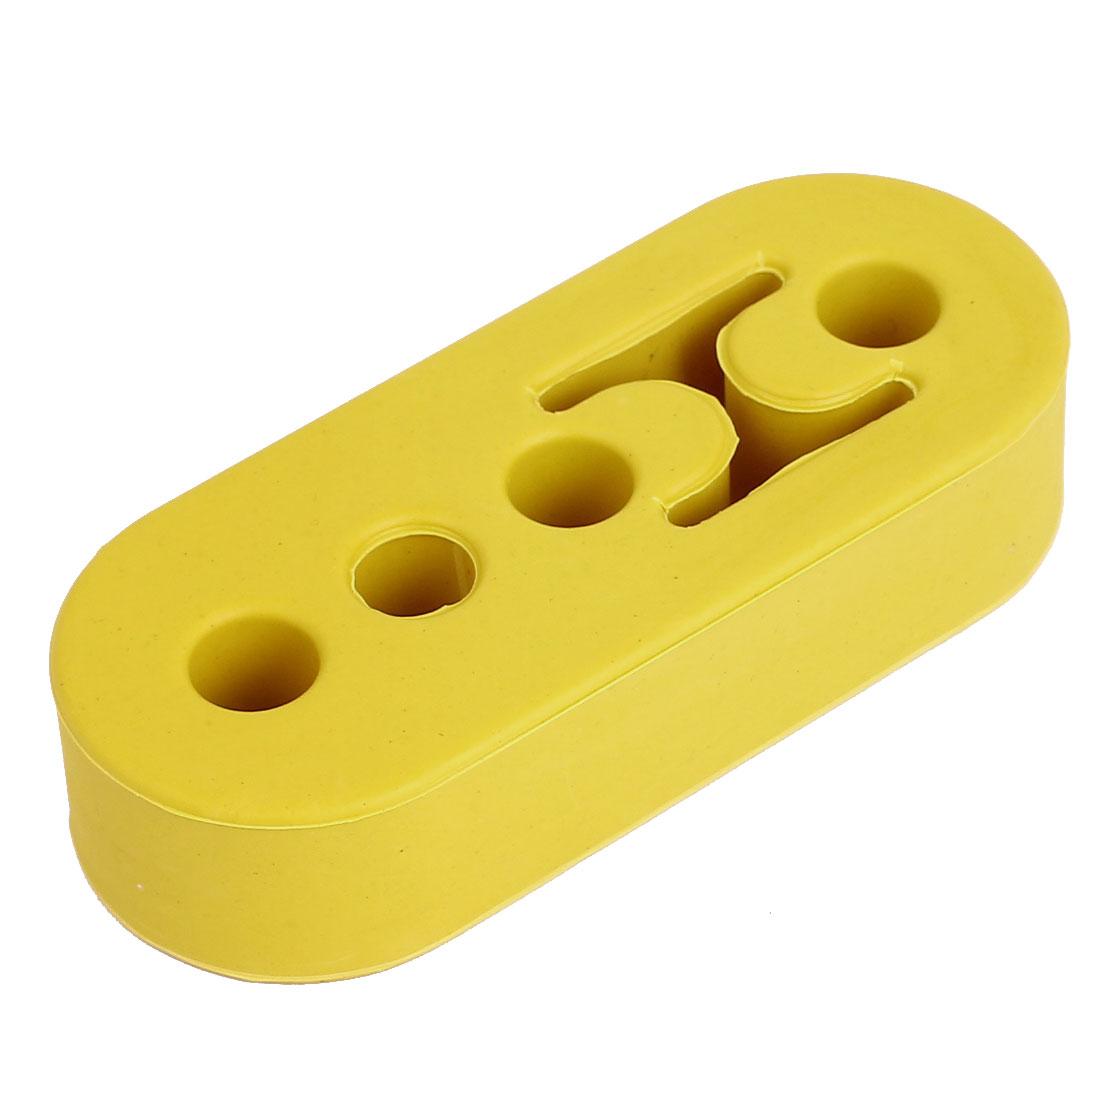 Yellow 4 Holes Race Car Muffler Exhaust Hanger Bushing